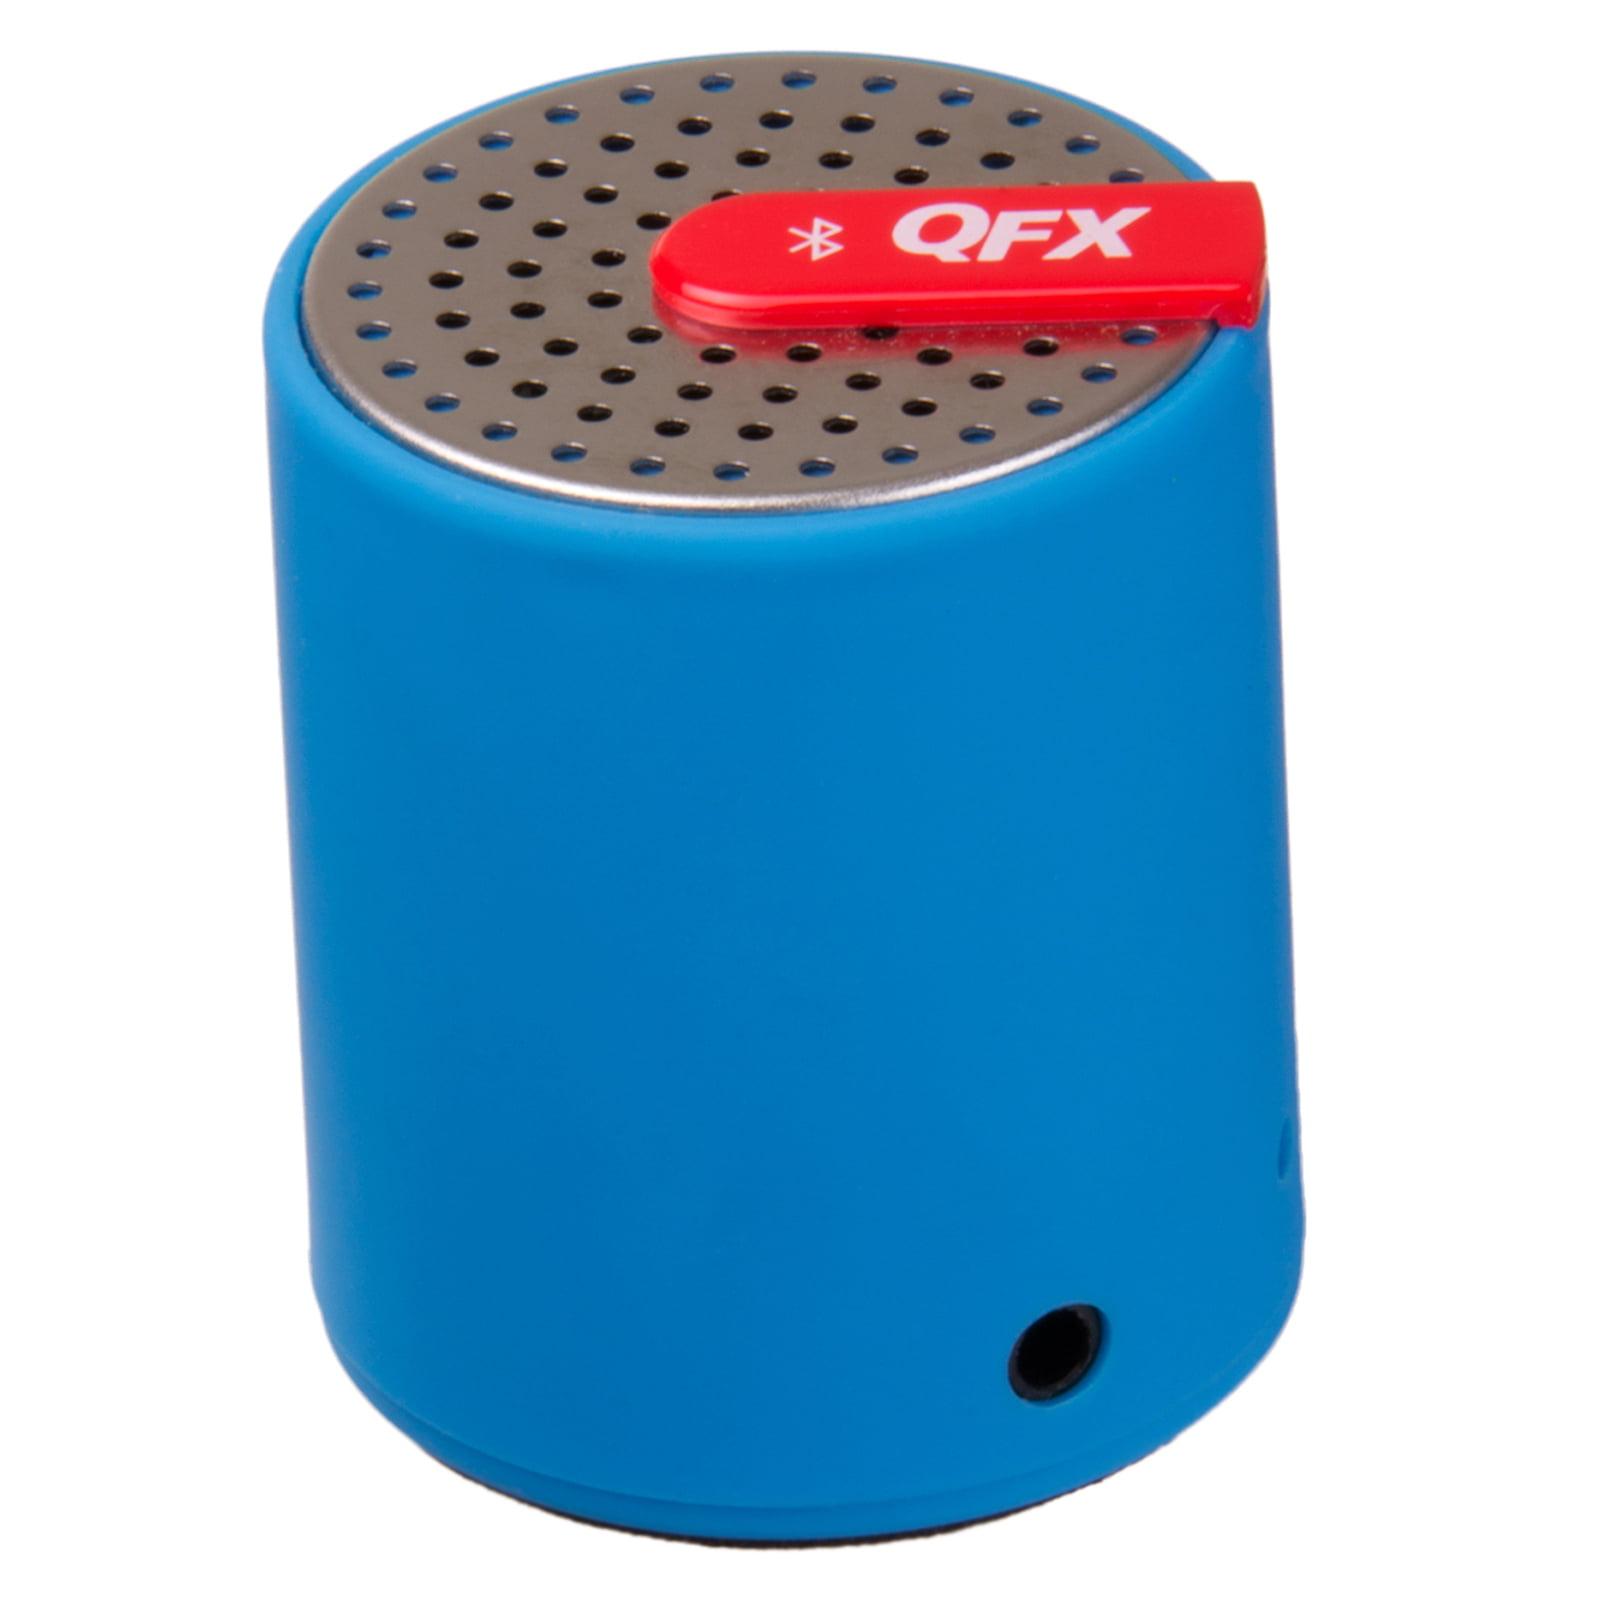 QFX CS-27BT Bluetooth altavoz portátil con entrada AUX-IN (azul) + Coleman en Veo y Compro